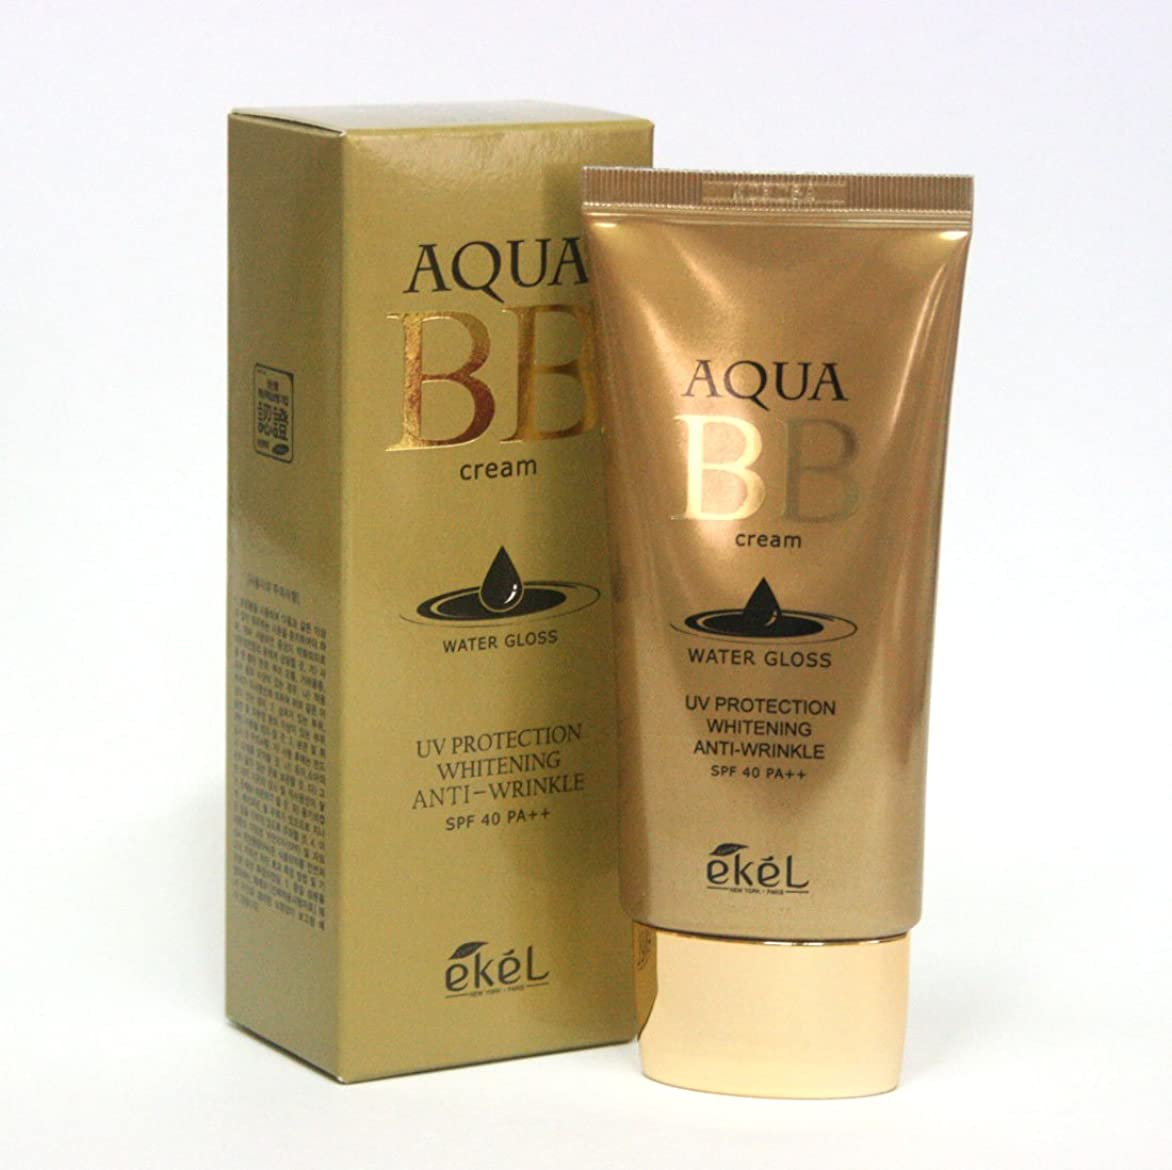 軽減するホイスト発症[Ekel] アクアBBウォーターグロスクリーム50ml / Aqua BB Water Gloss Cream 50ml / ワイトニングアンチリンクルSPF40 PA++ / Whitening Anti-wrinkle SPF40 PA++ / 韓国化粧品/Korea Cosmetics [並行輸入品]